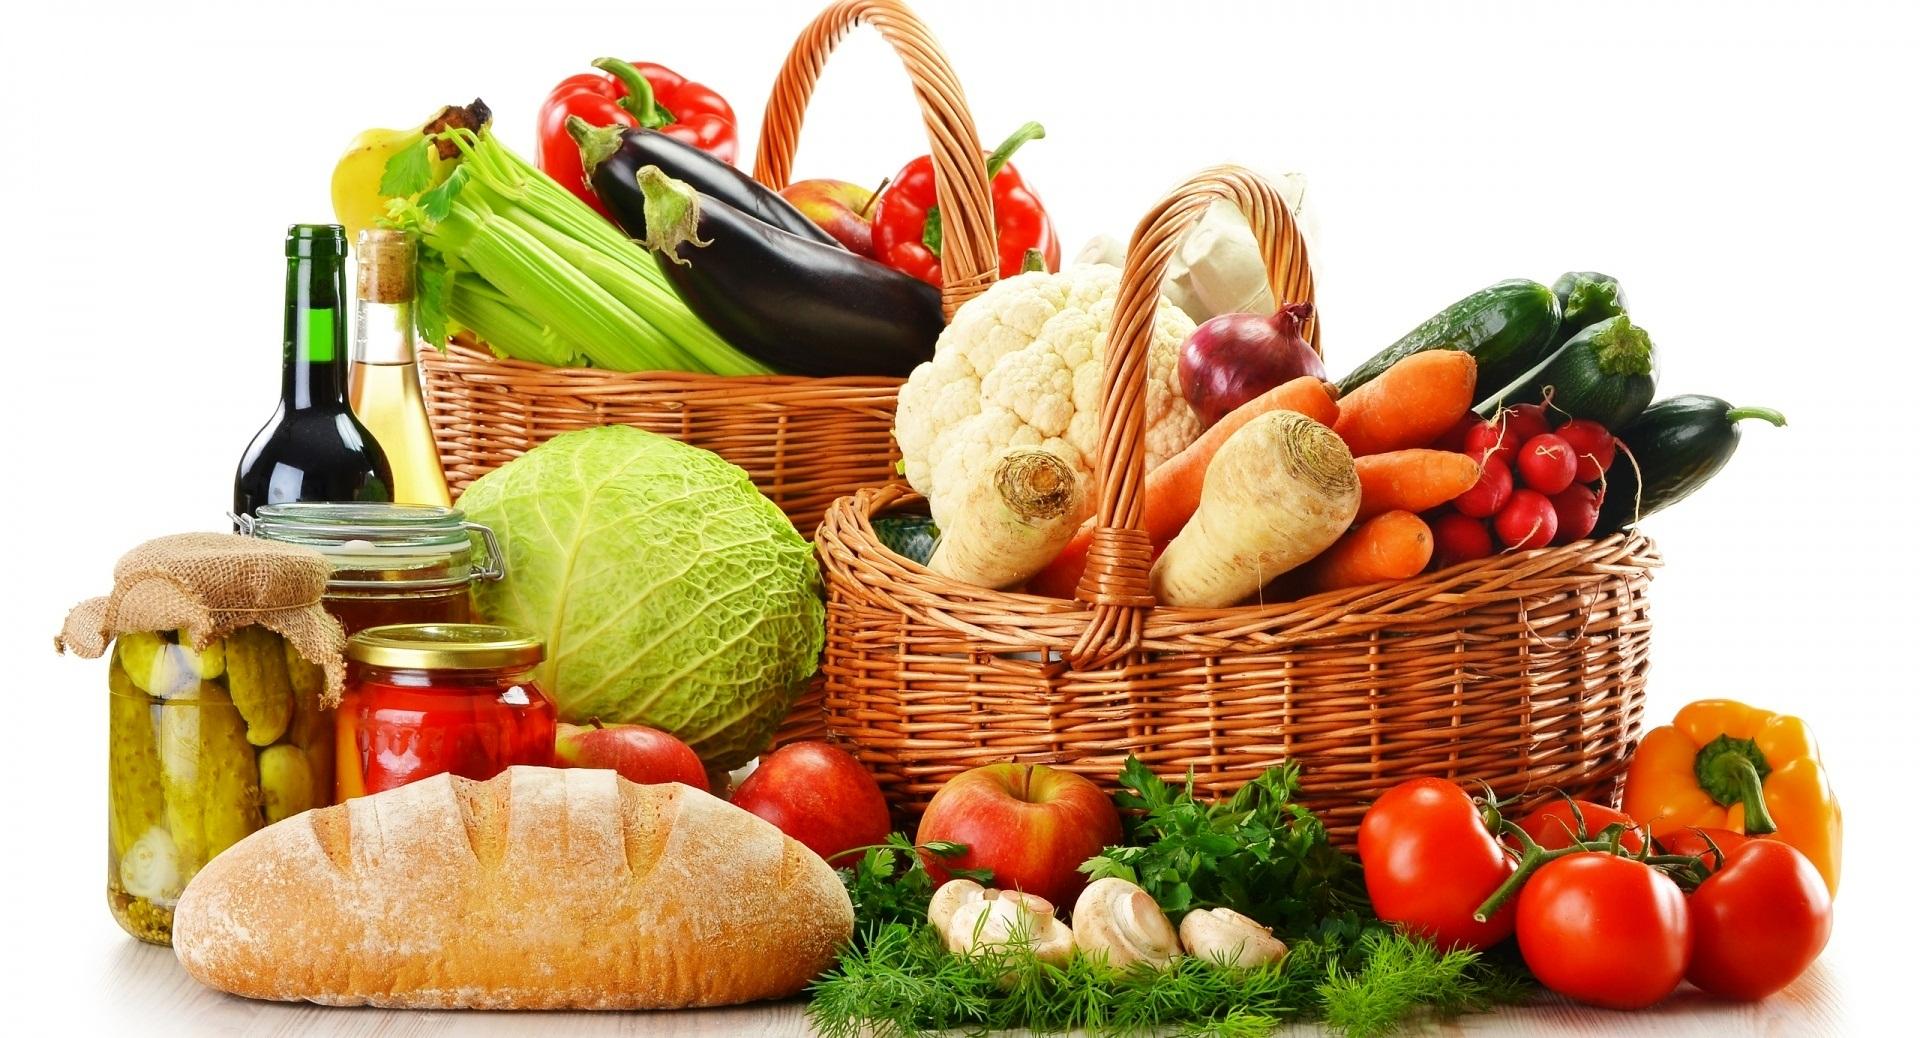 Τα τρόφιμα που μας βοηθάνε να έχουμε αρκετή ενέργεια μέσα στη μέρα